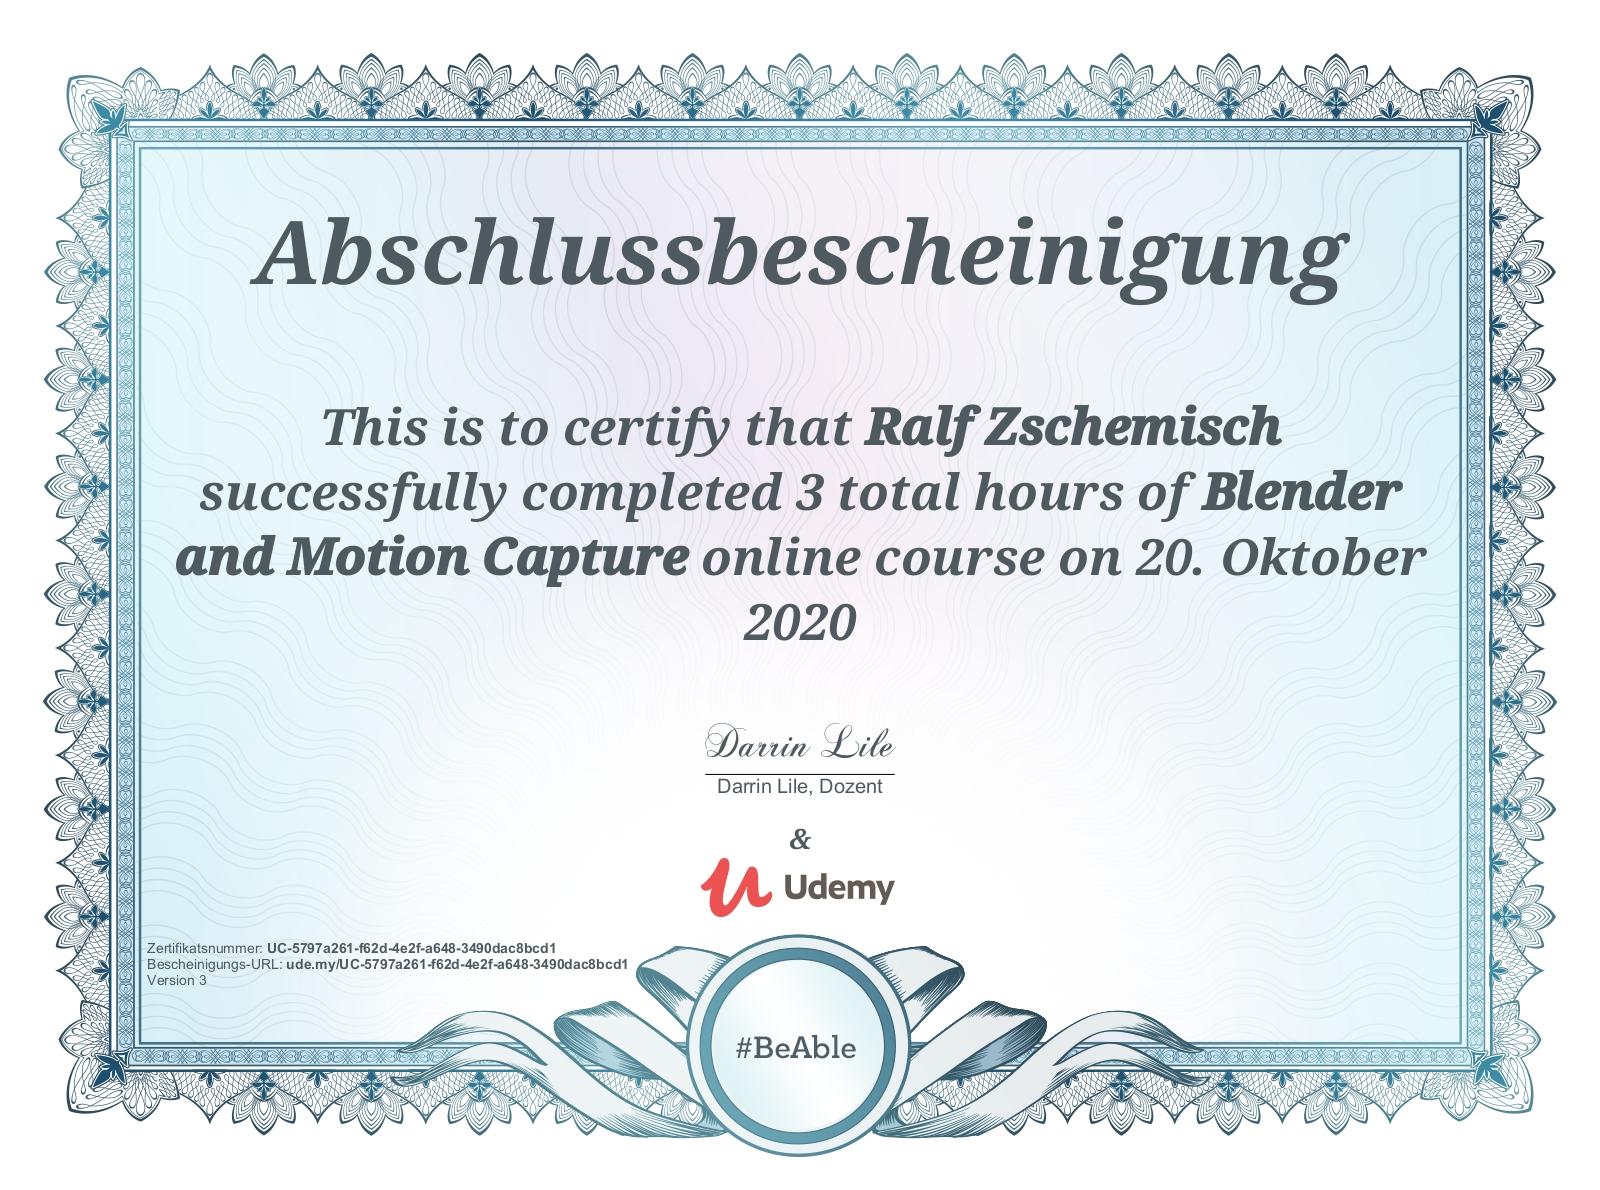 """Abschlussbescheinigung für """"Blender and Motion Capture"""""""